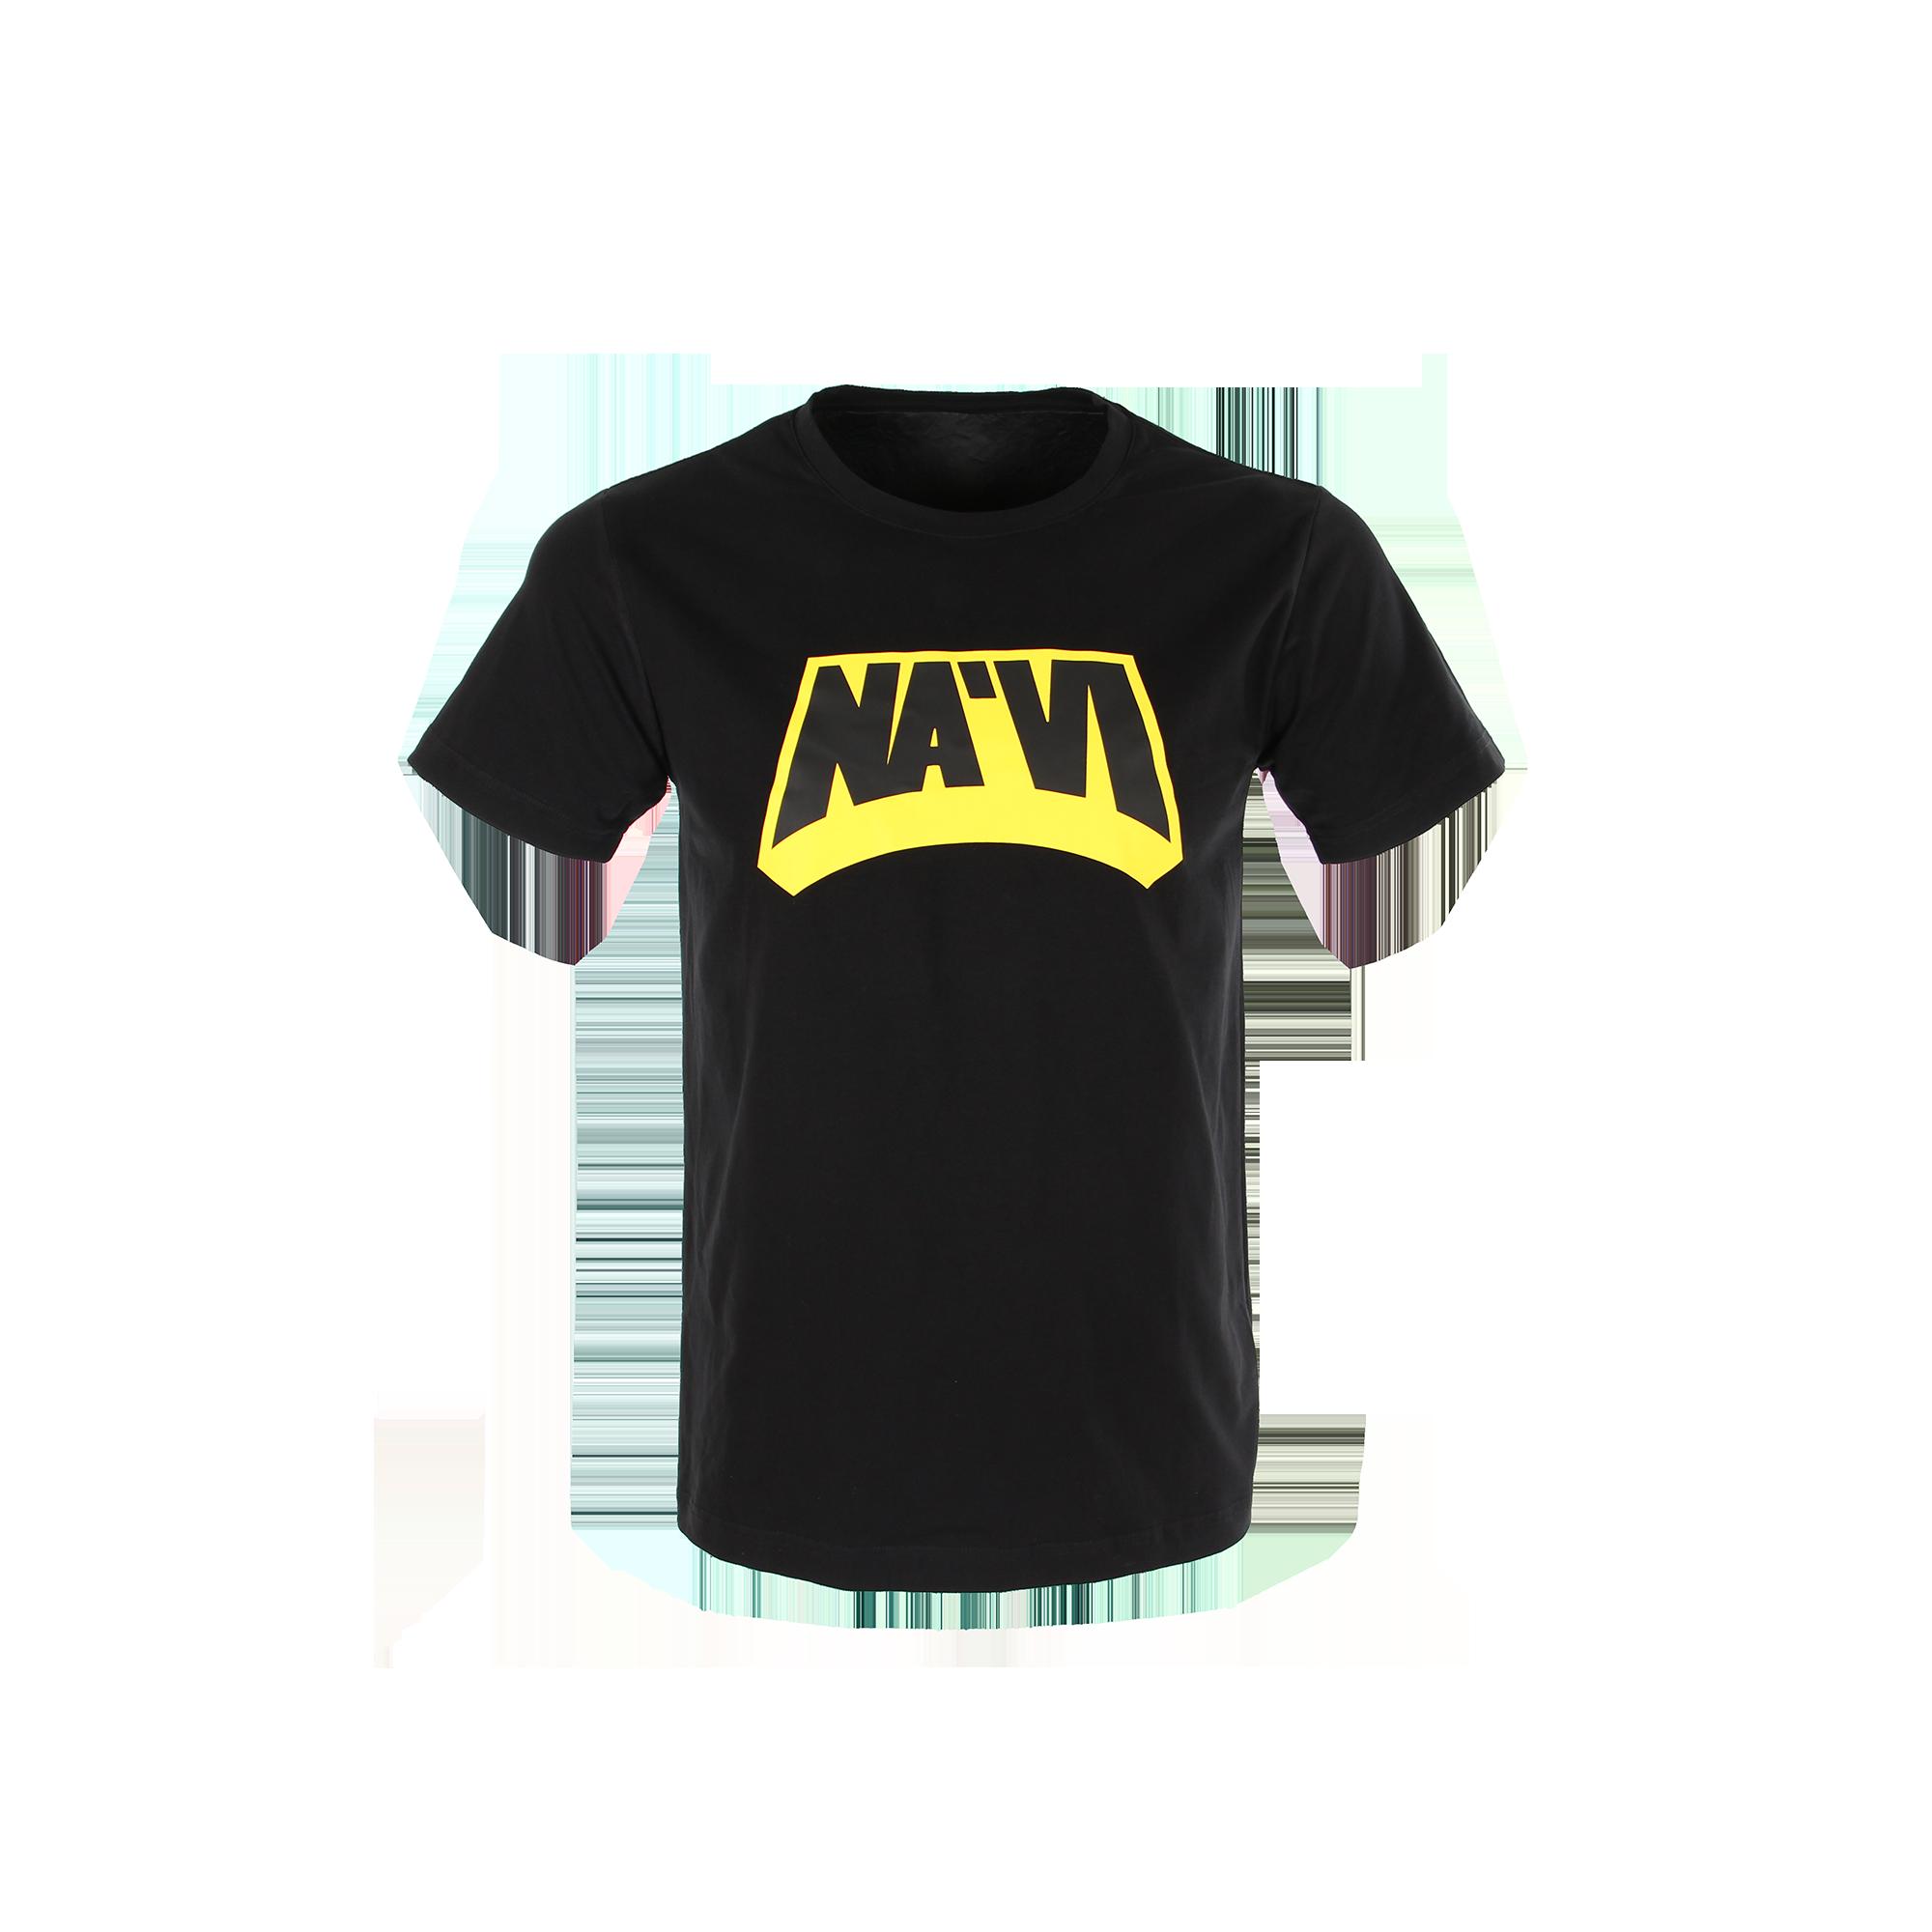 Футболка NaVi Epic Black (XXL)